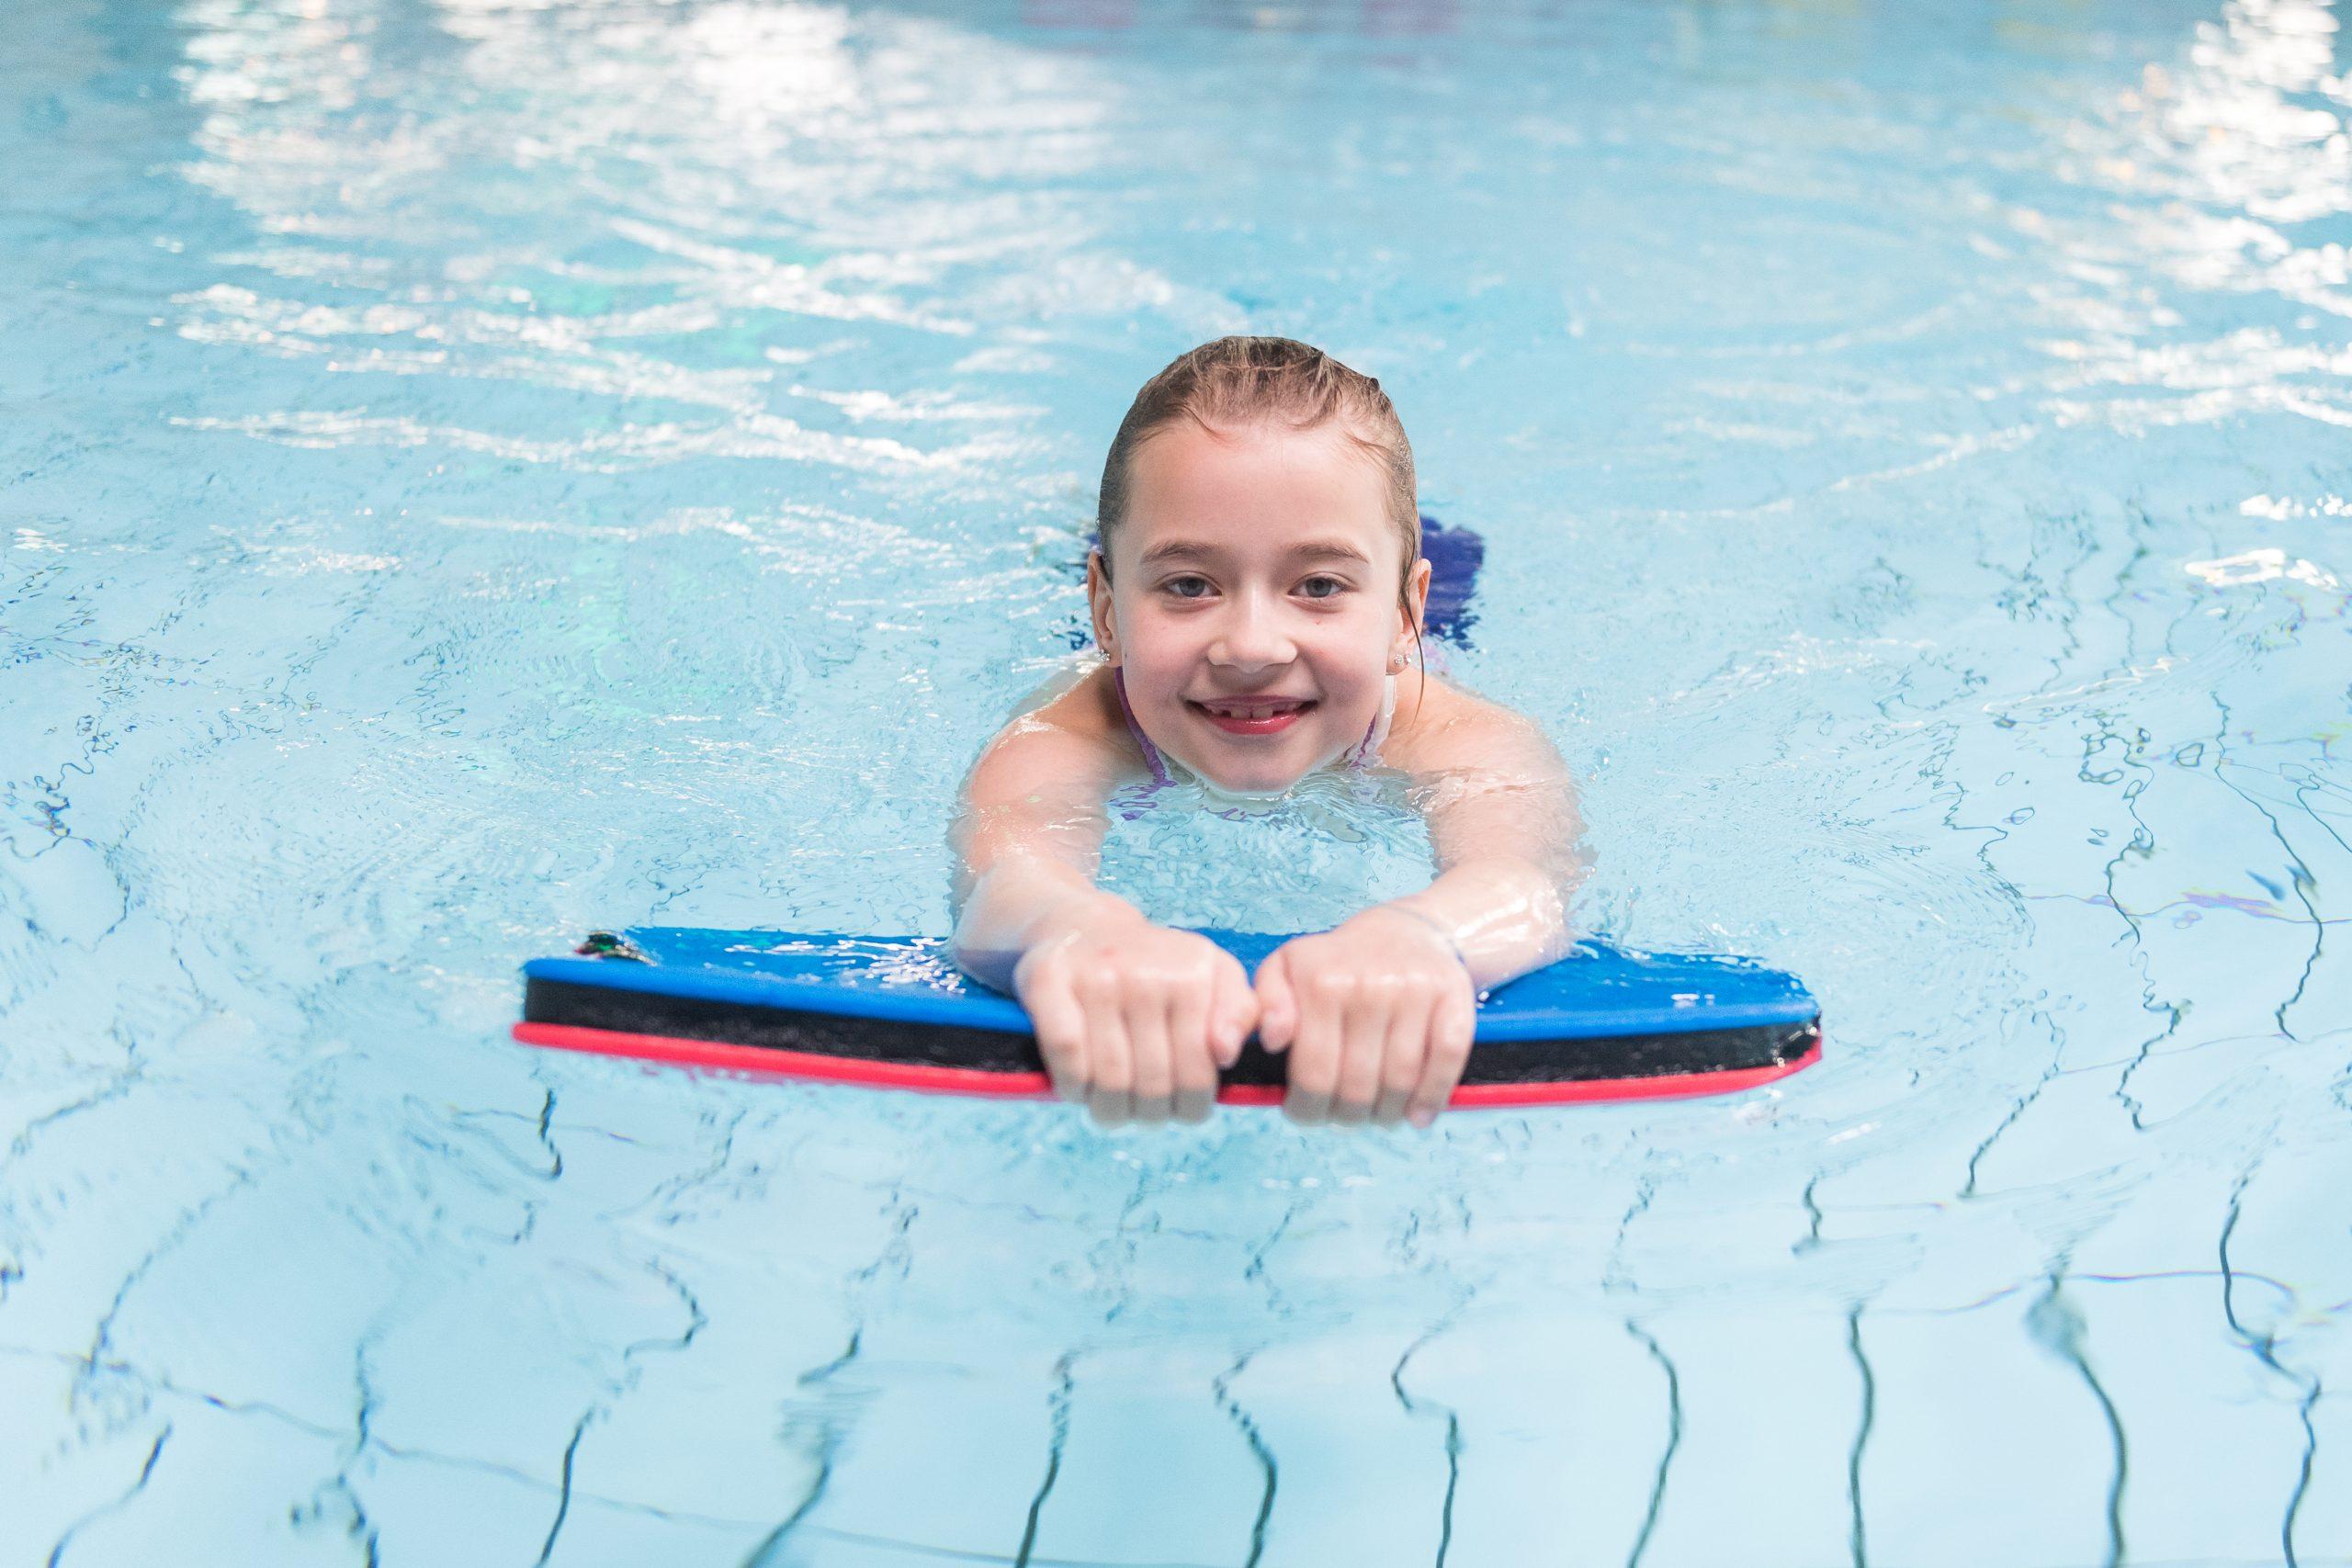 Aunque no haya playa: Cómo habituar a los niños al agua